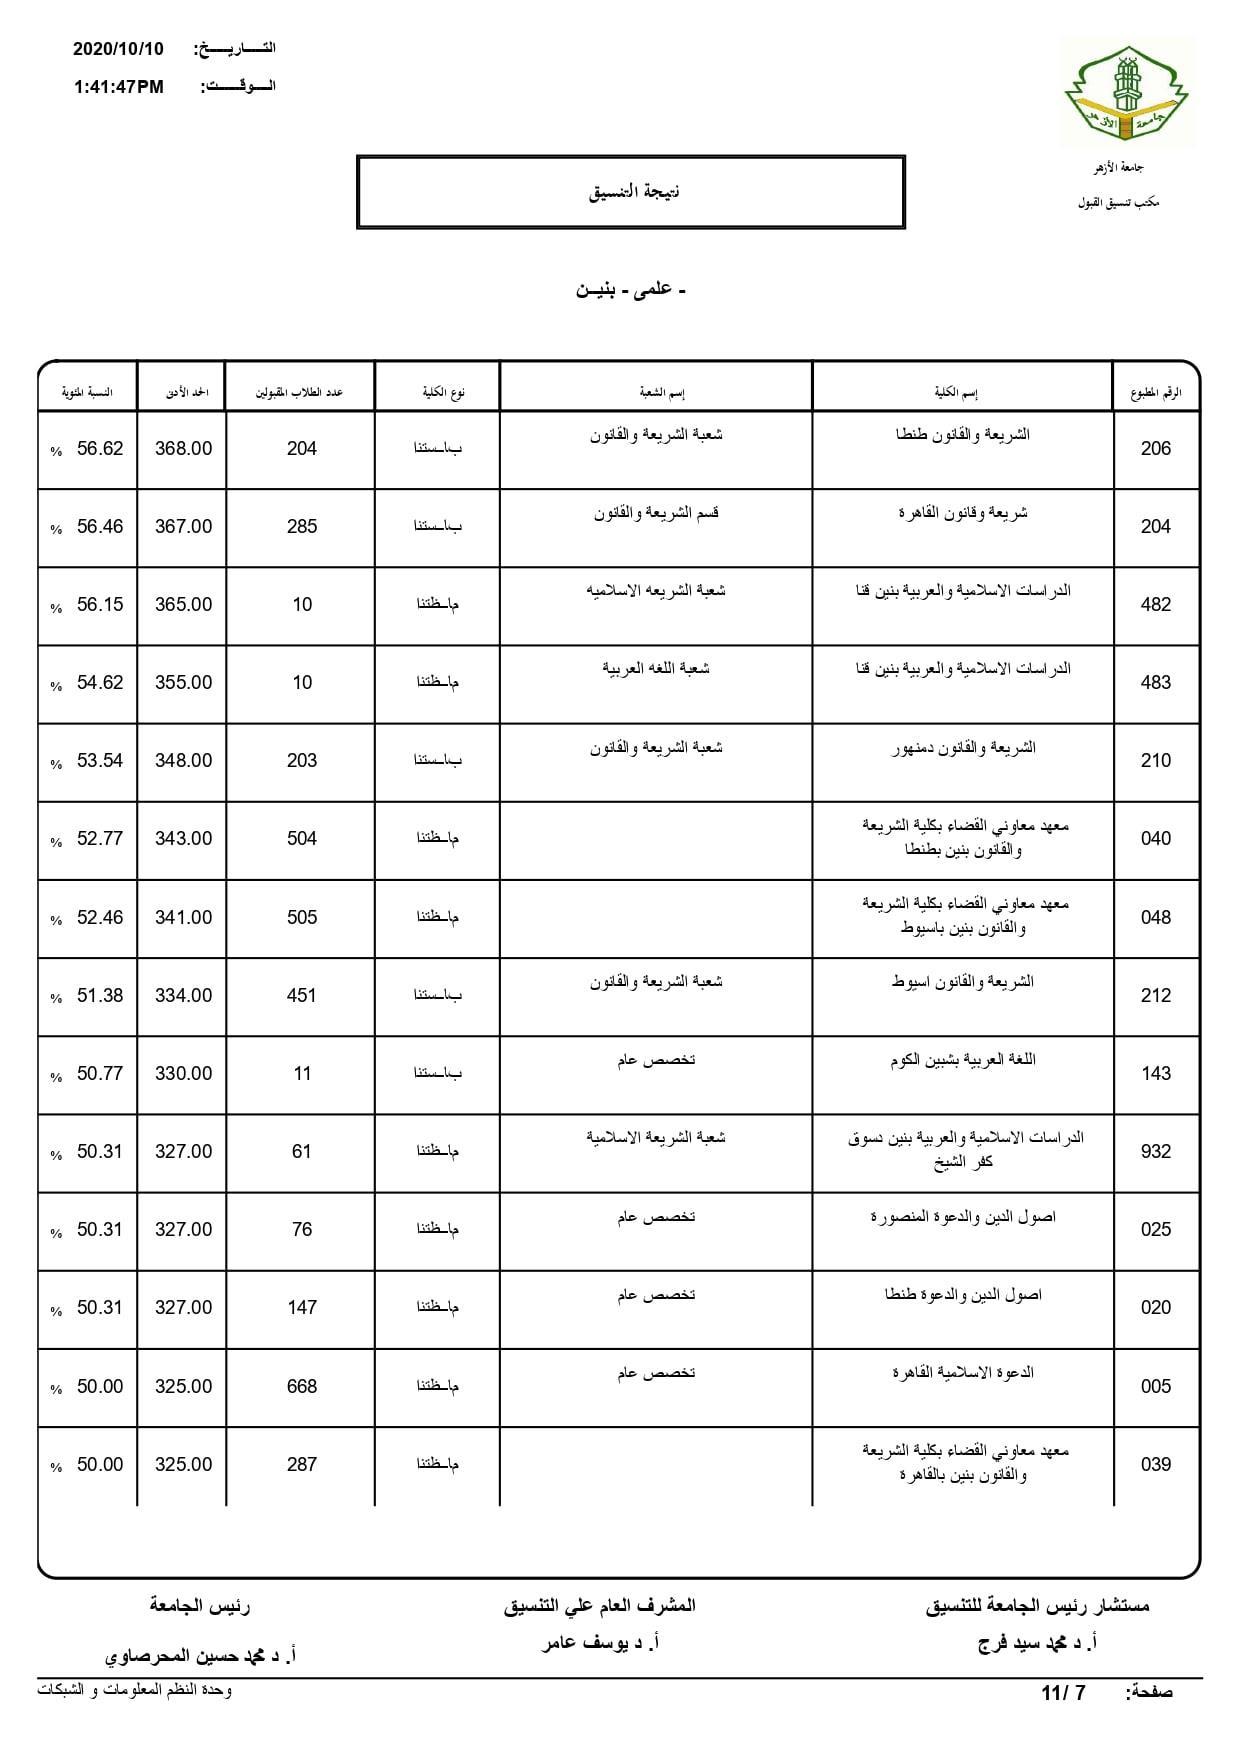 نتيجة تنسيق كليات جامعة الأزهر لعام 2020 بالكامل 20201010200818373